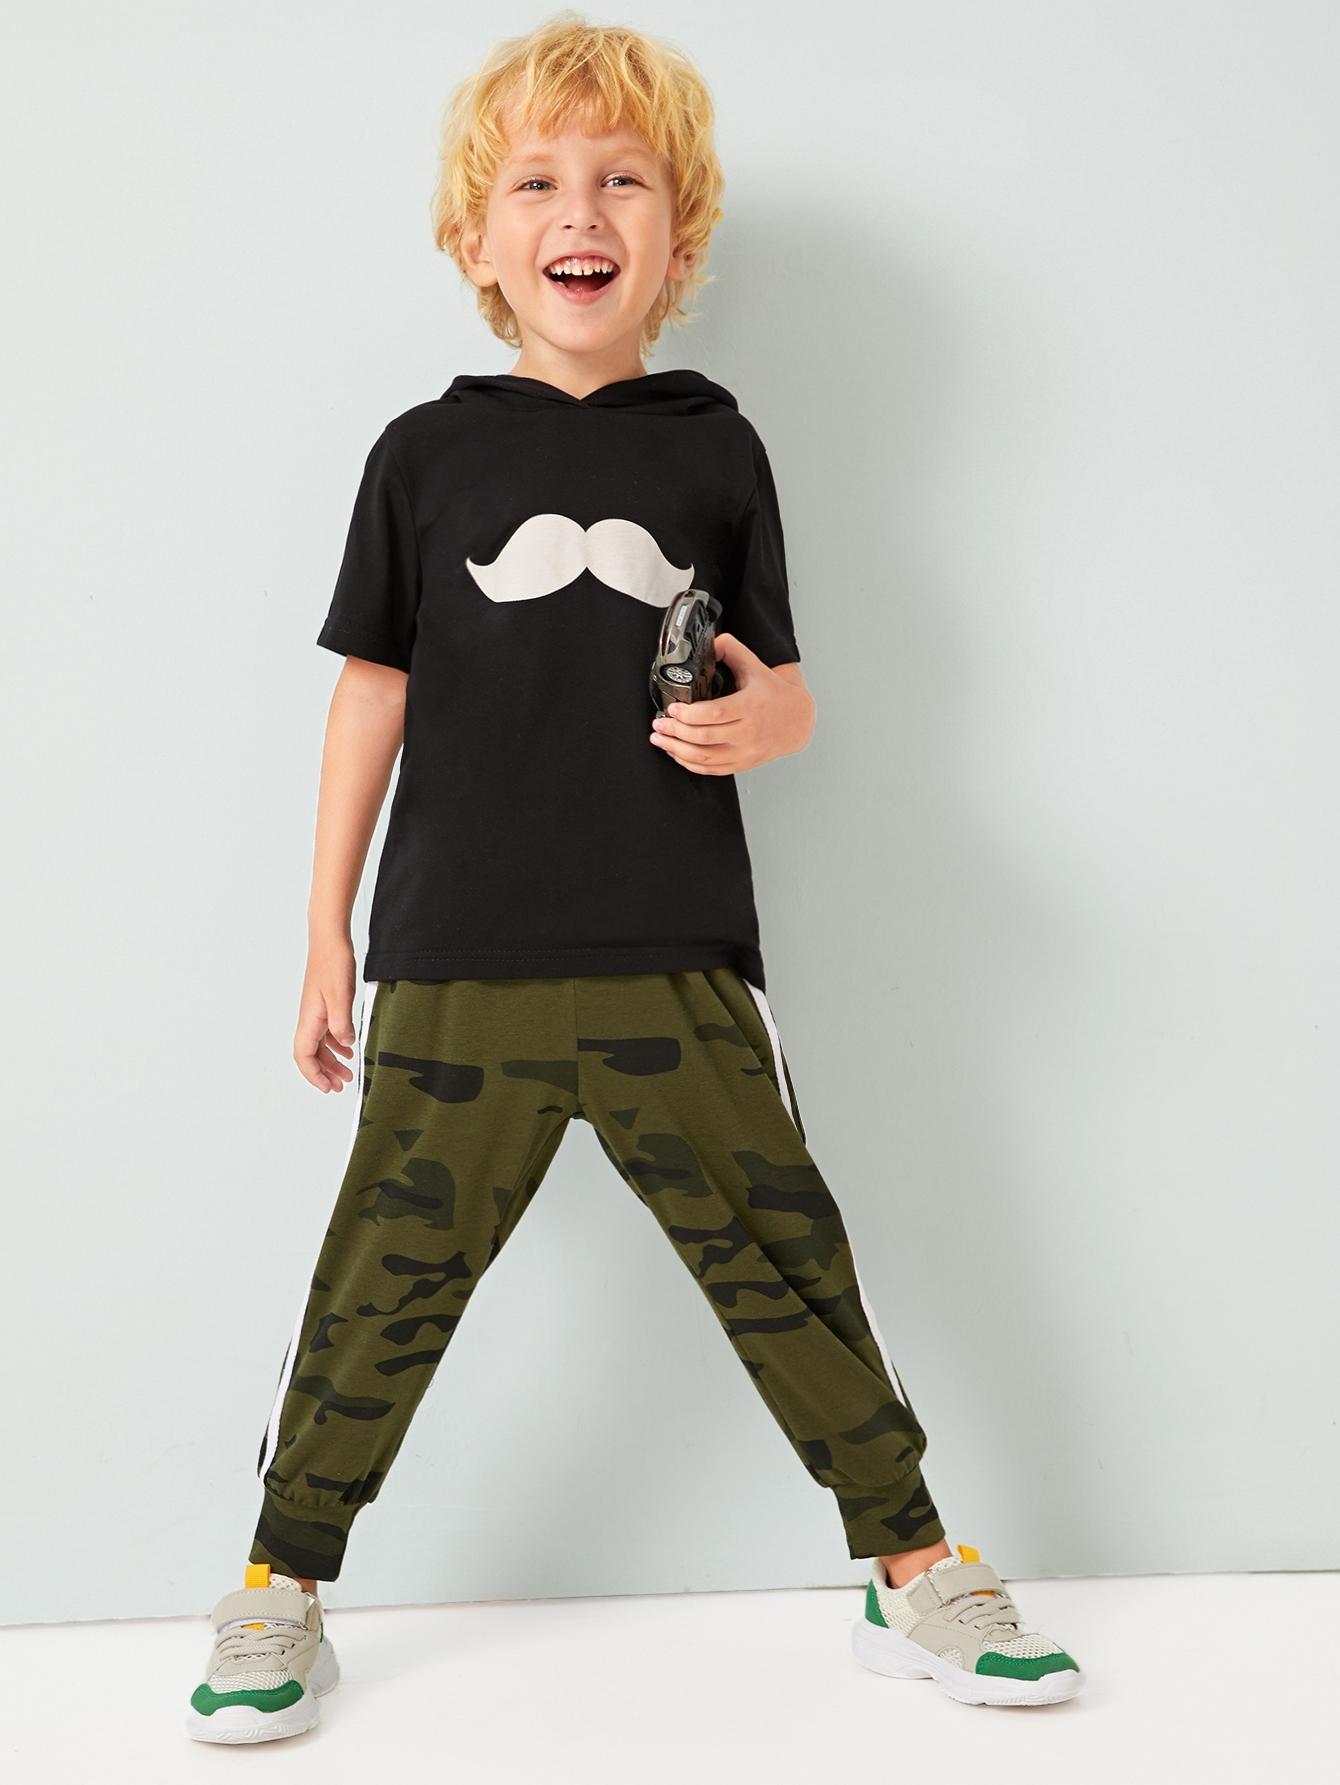 Футболка с капюшоном, графическим принтом и камуфляжные спортивные брюки для мальчиков от SheIn